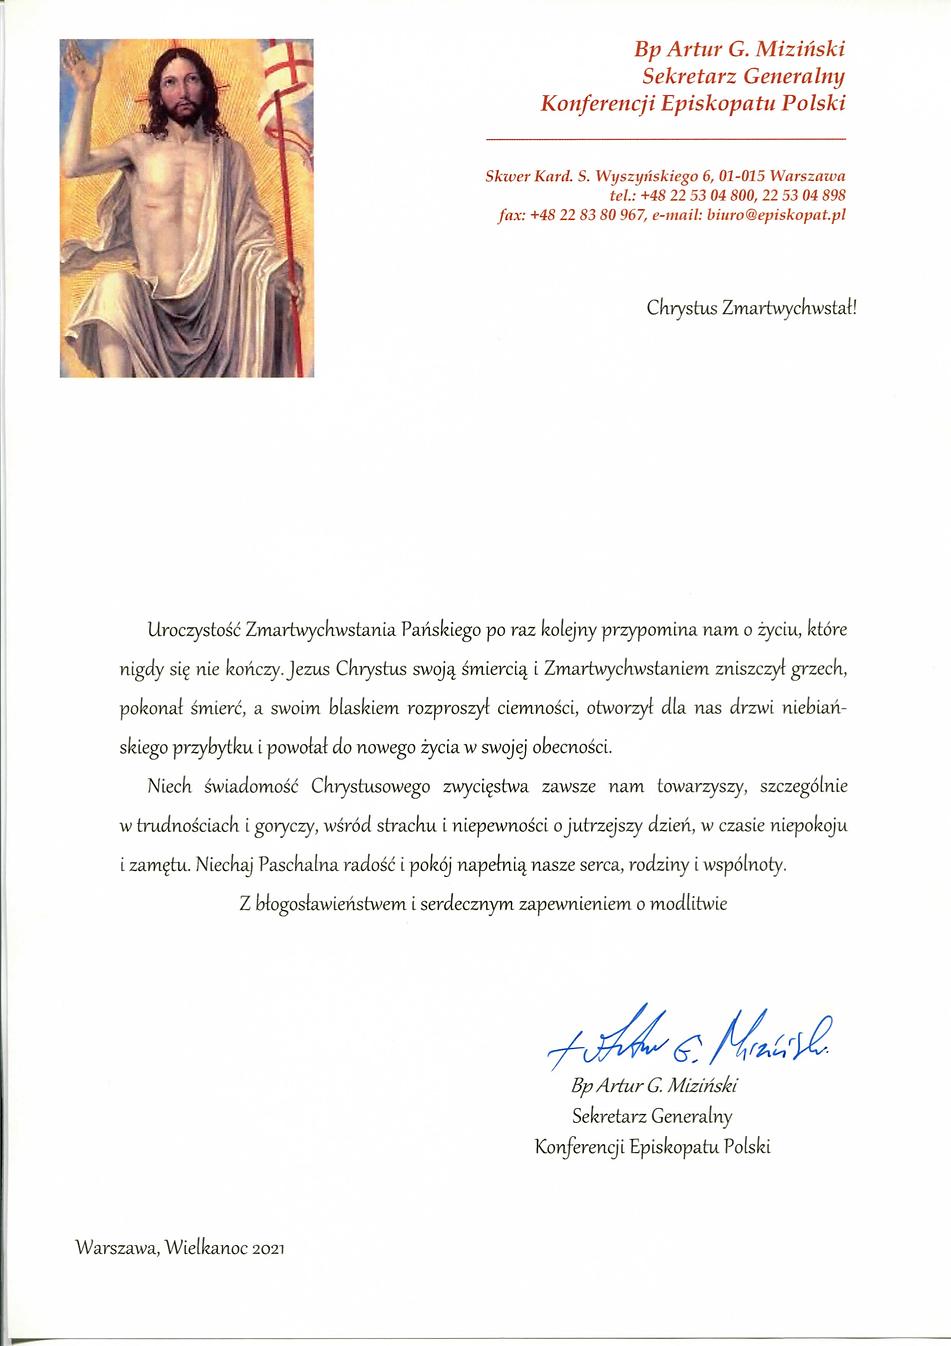 Bp Artur G. Miziński-Życzenia Wielkanocn